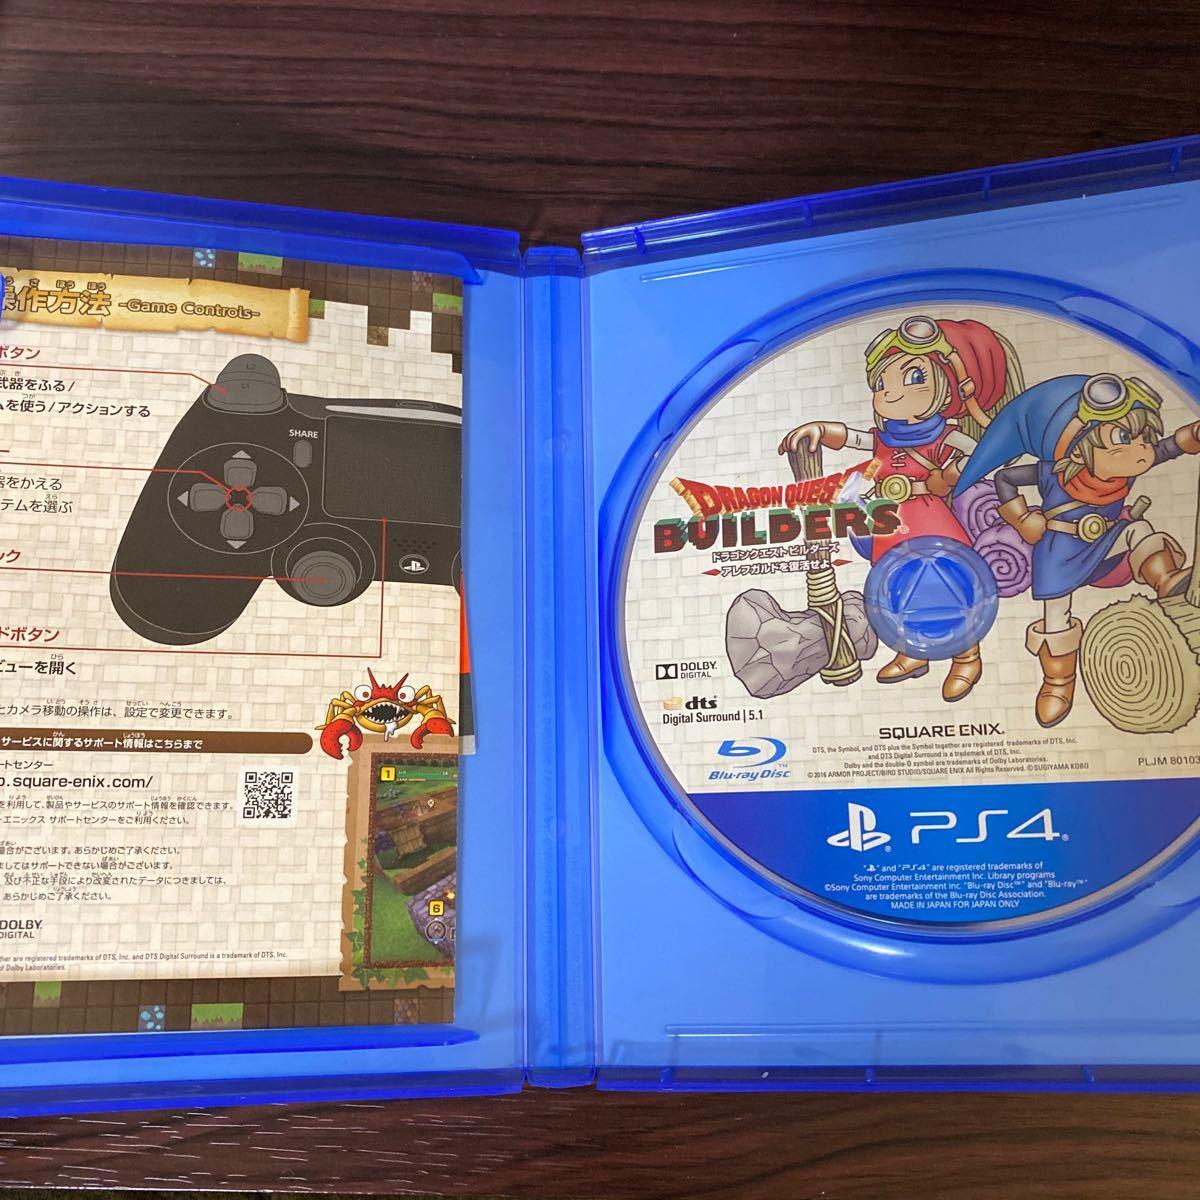 【PS4】 ドラゴンクエストビルダーズアレフガルドを復活せよ /ドラクエビルダーズ1